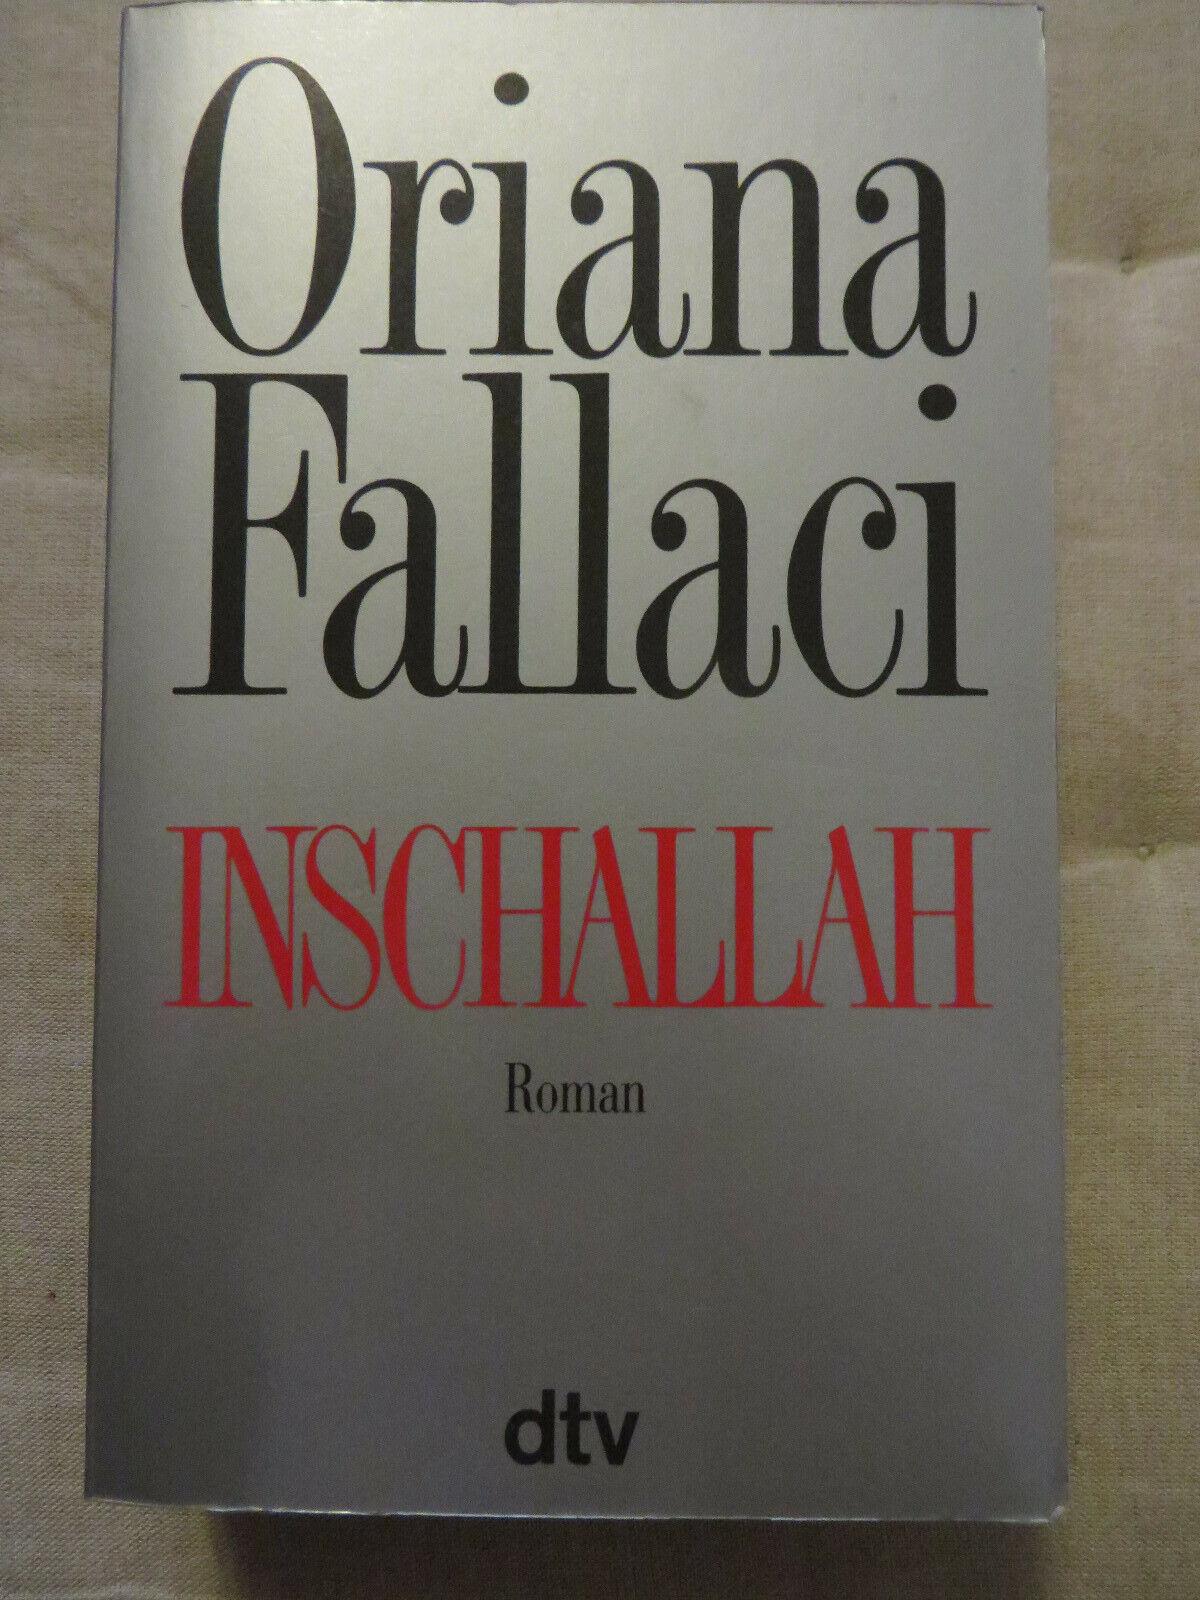 Buch Inschallah, Oriana Fallaci, Roman - Oriana Fallaci